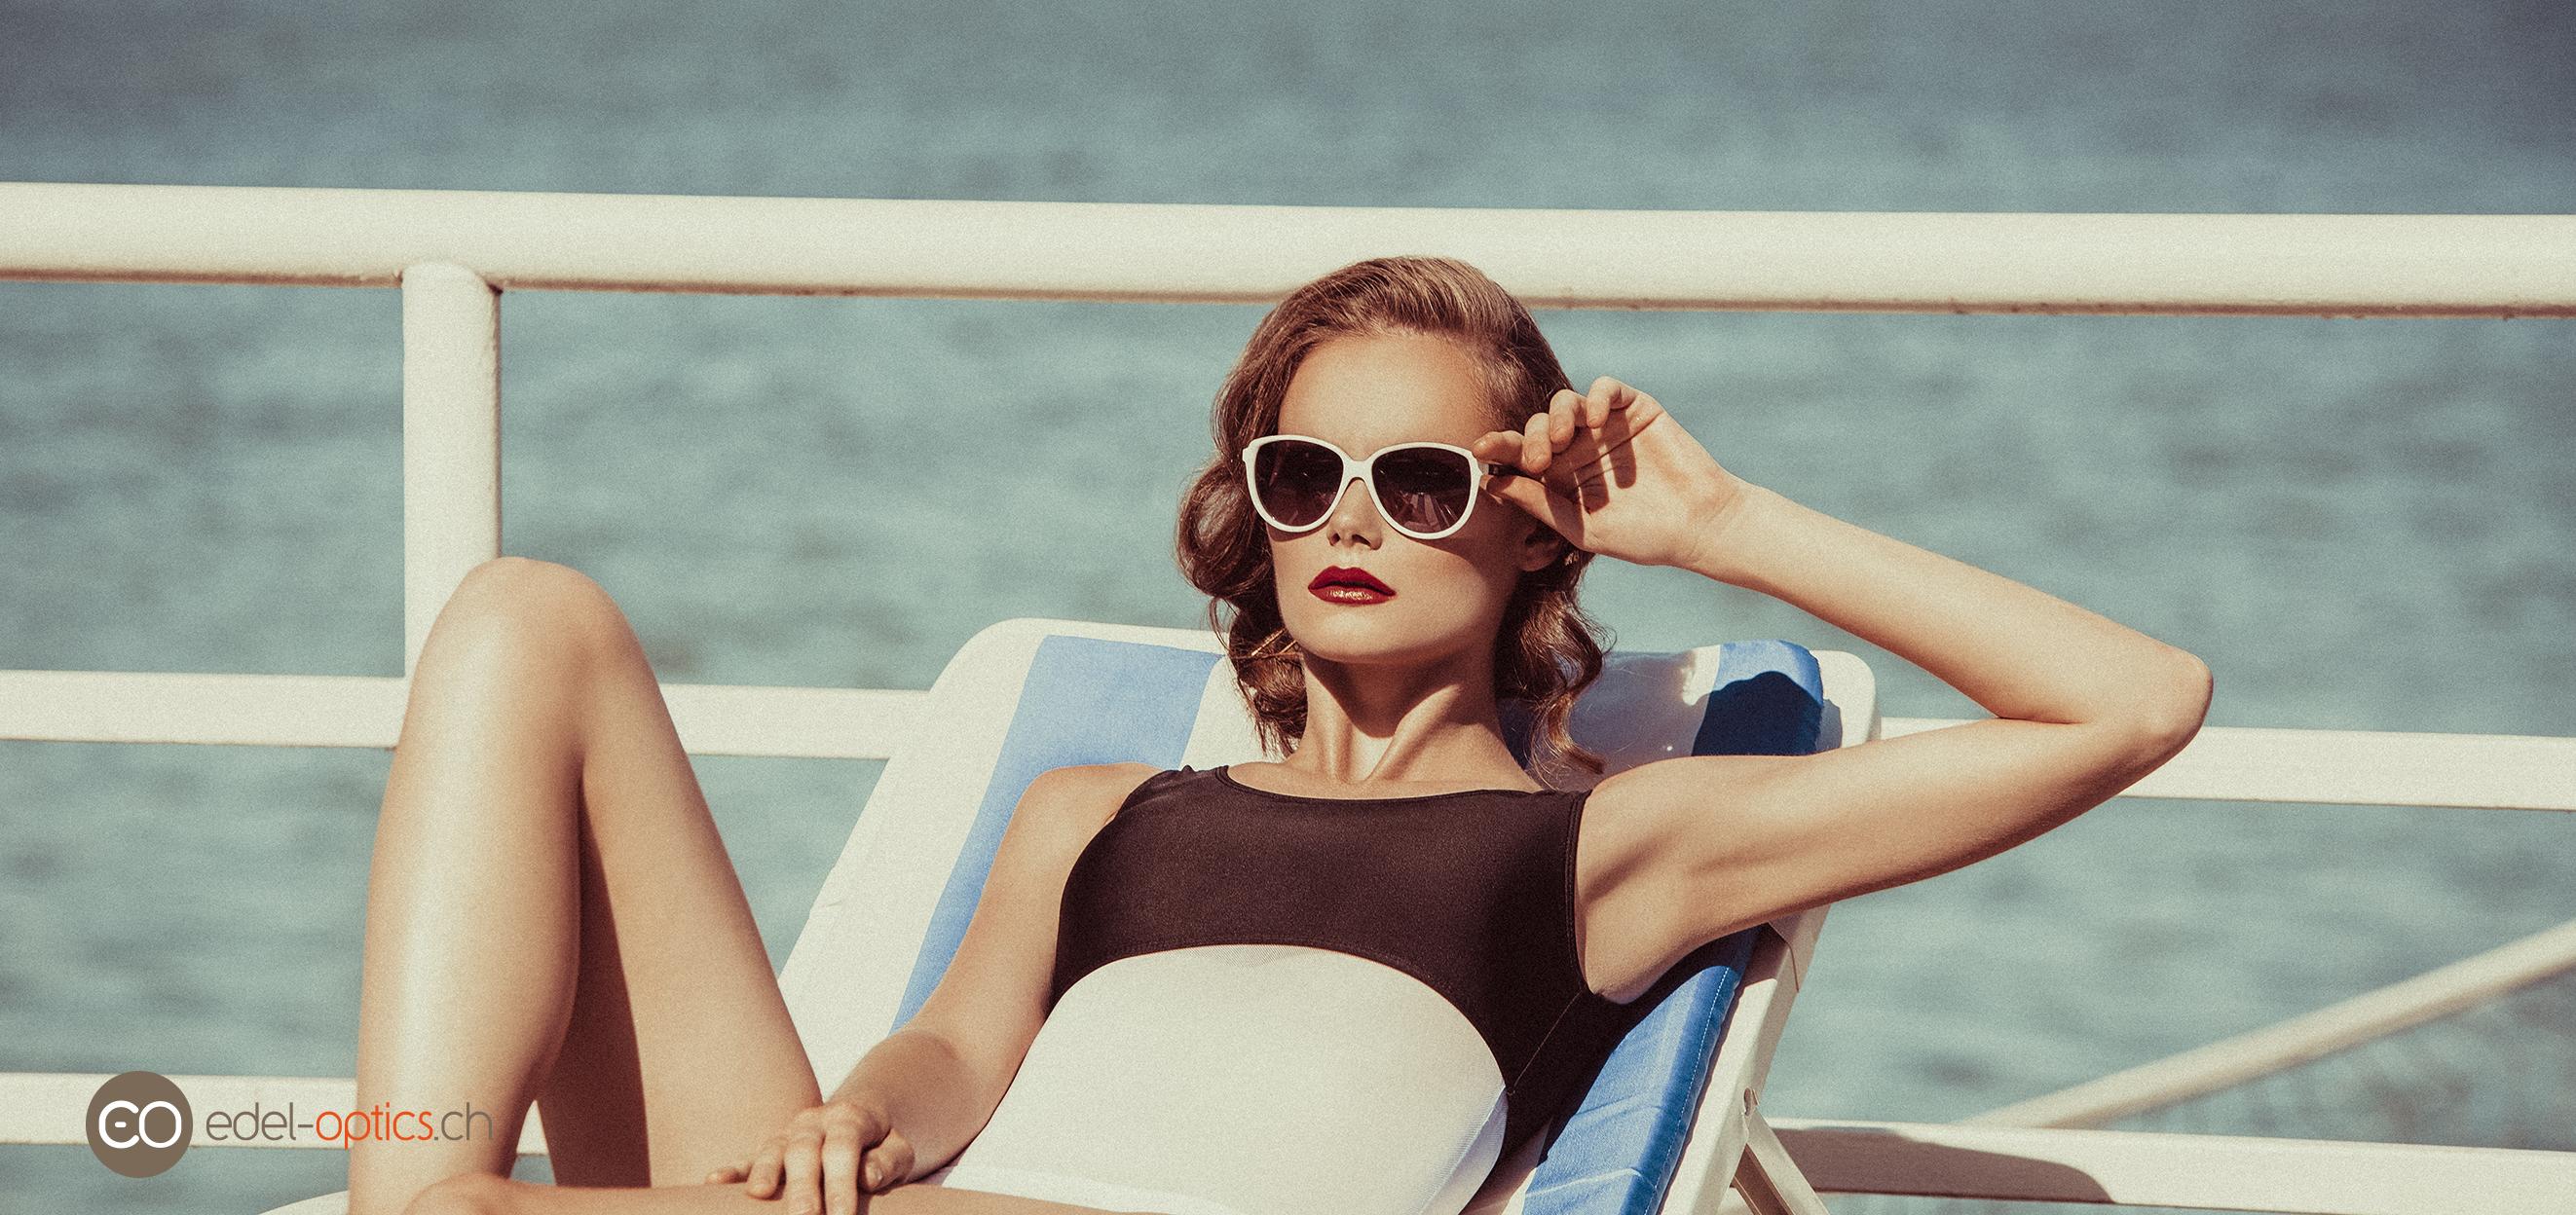 Zeitlose Brillen - Edel Optics Blog